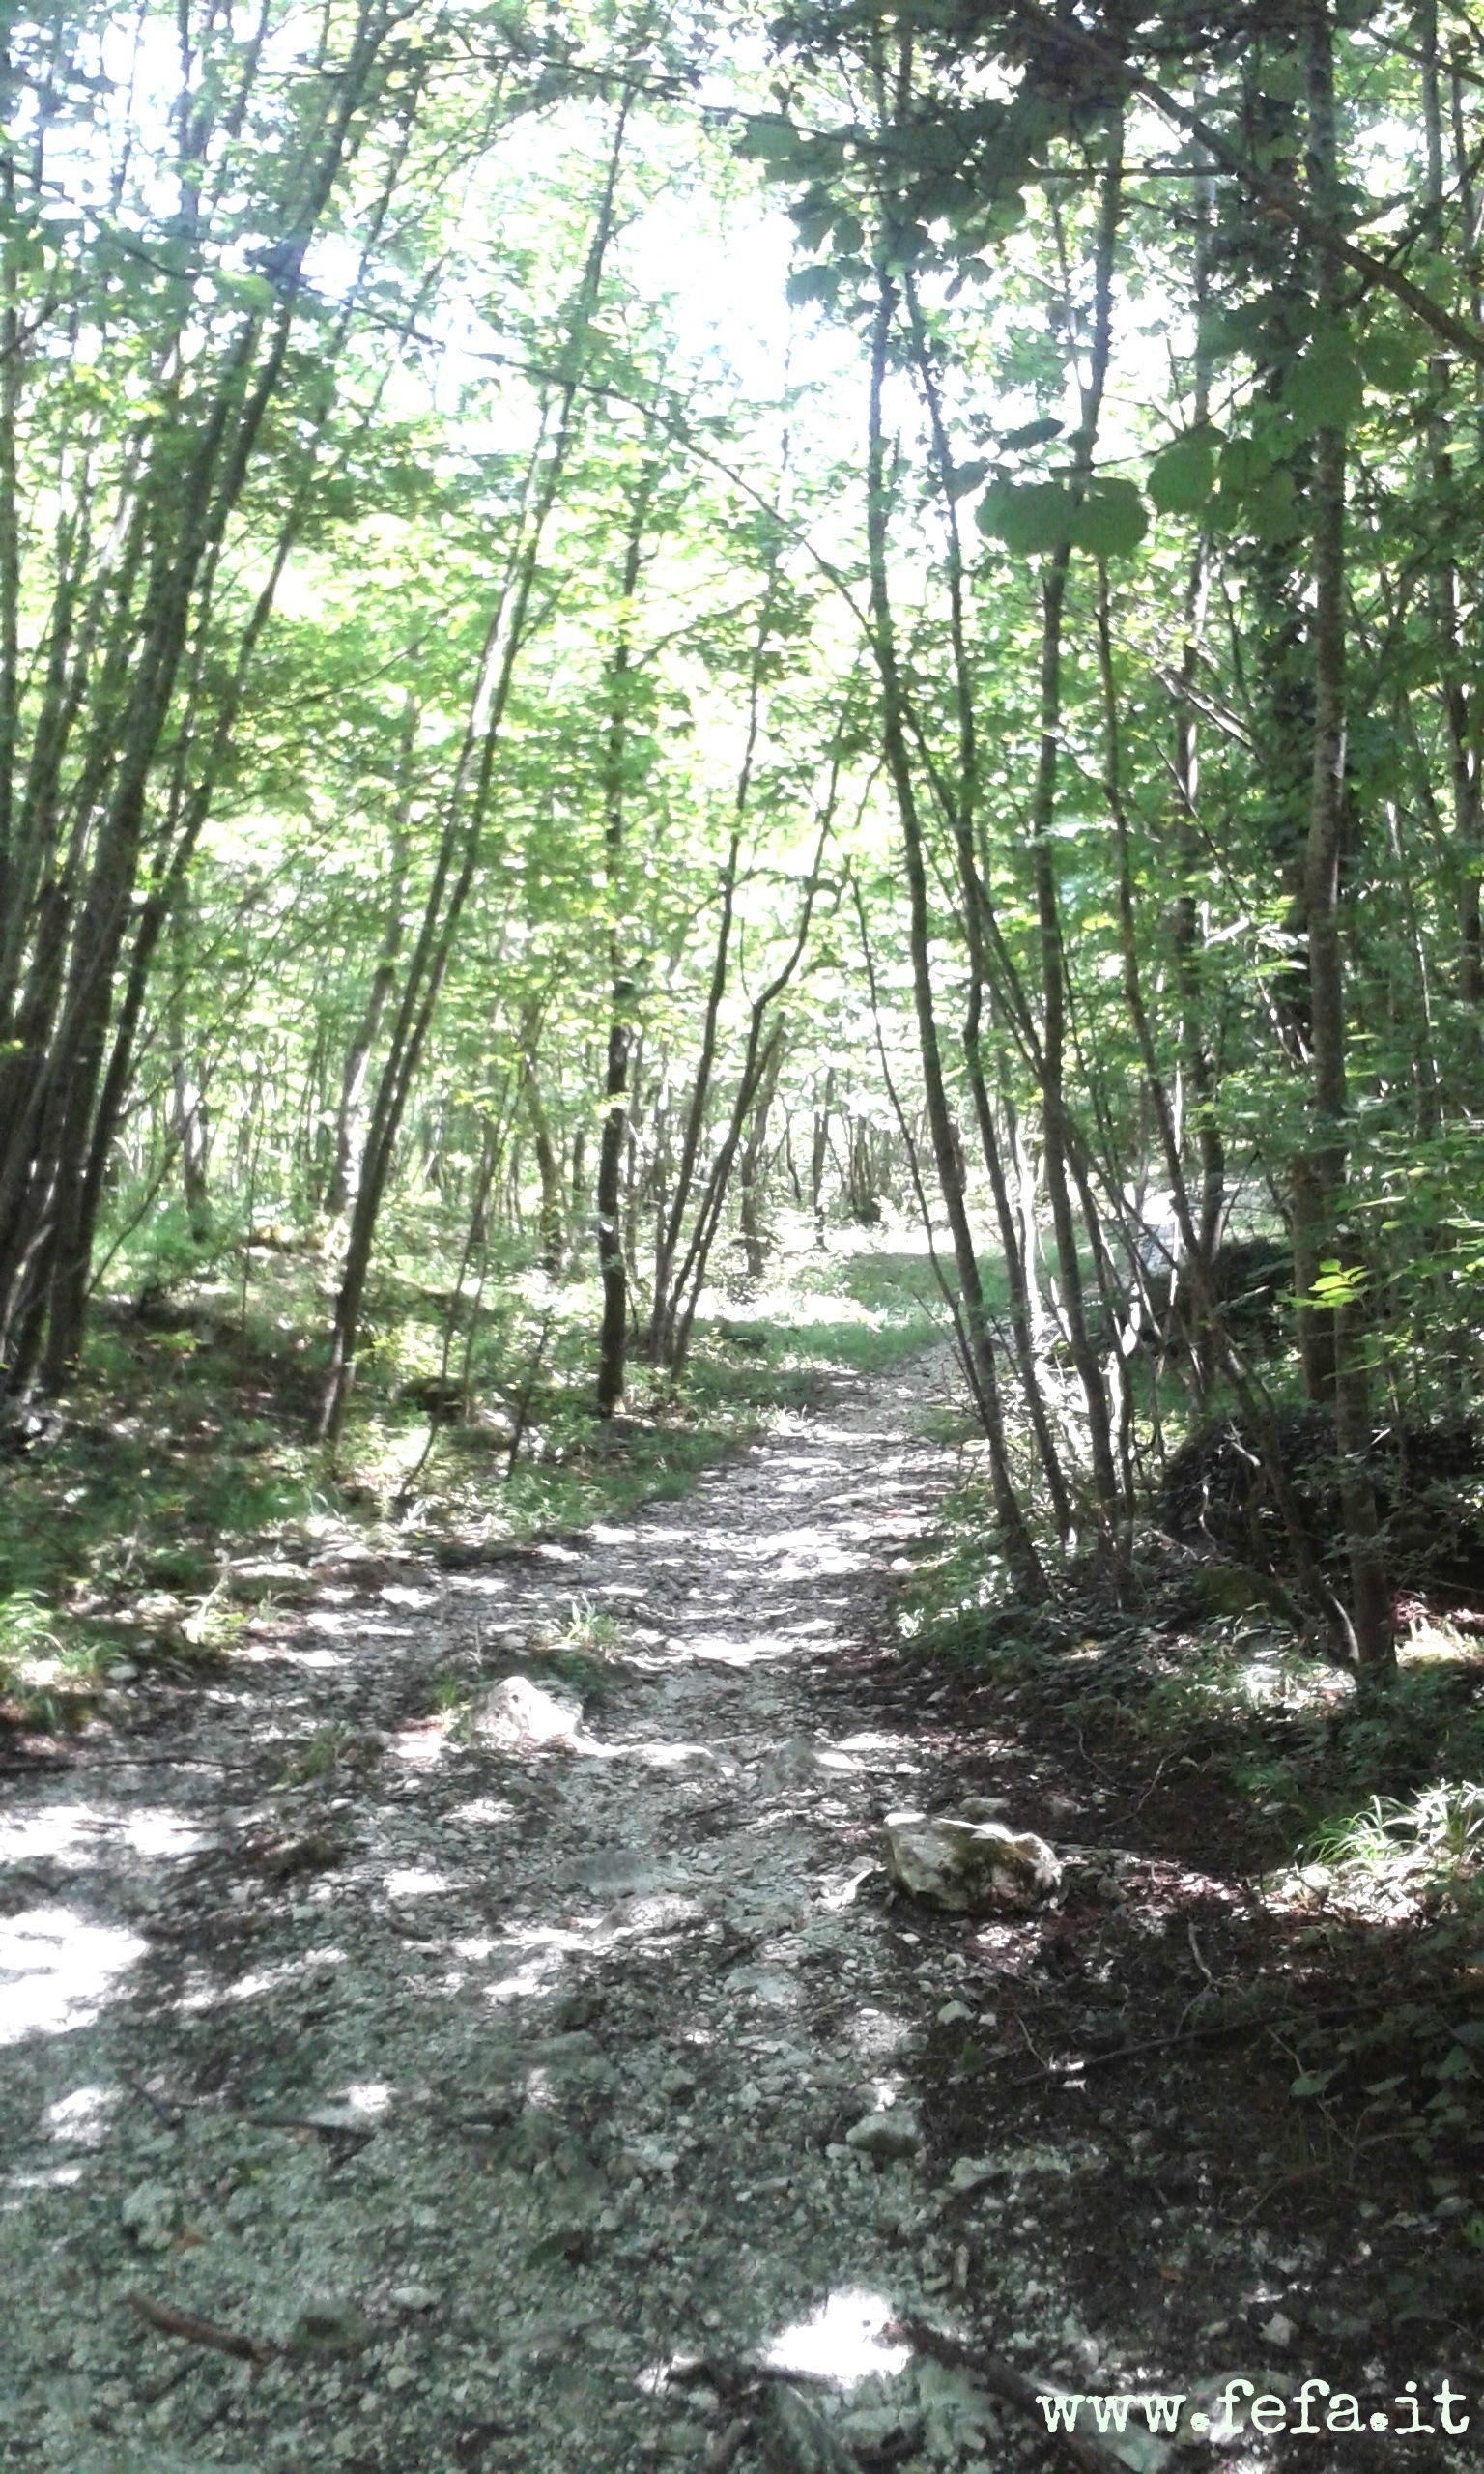 Lo splendido e misterioso bosco di faggi centenari.  (Valle dei Tre Santi, Gola del Tennacola, Sarnano)